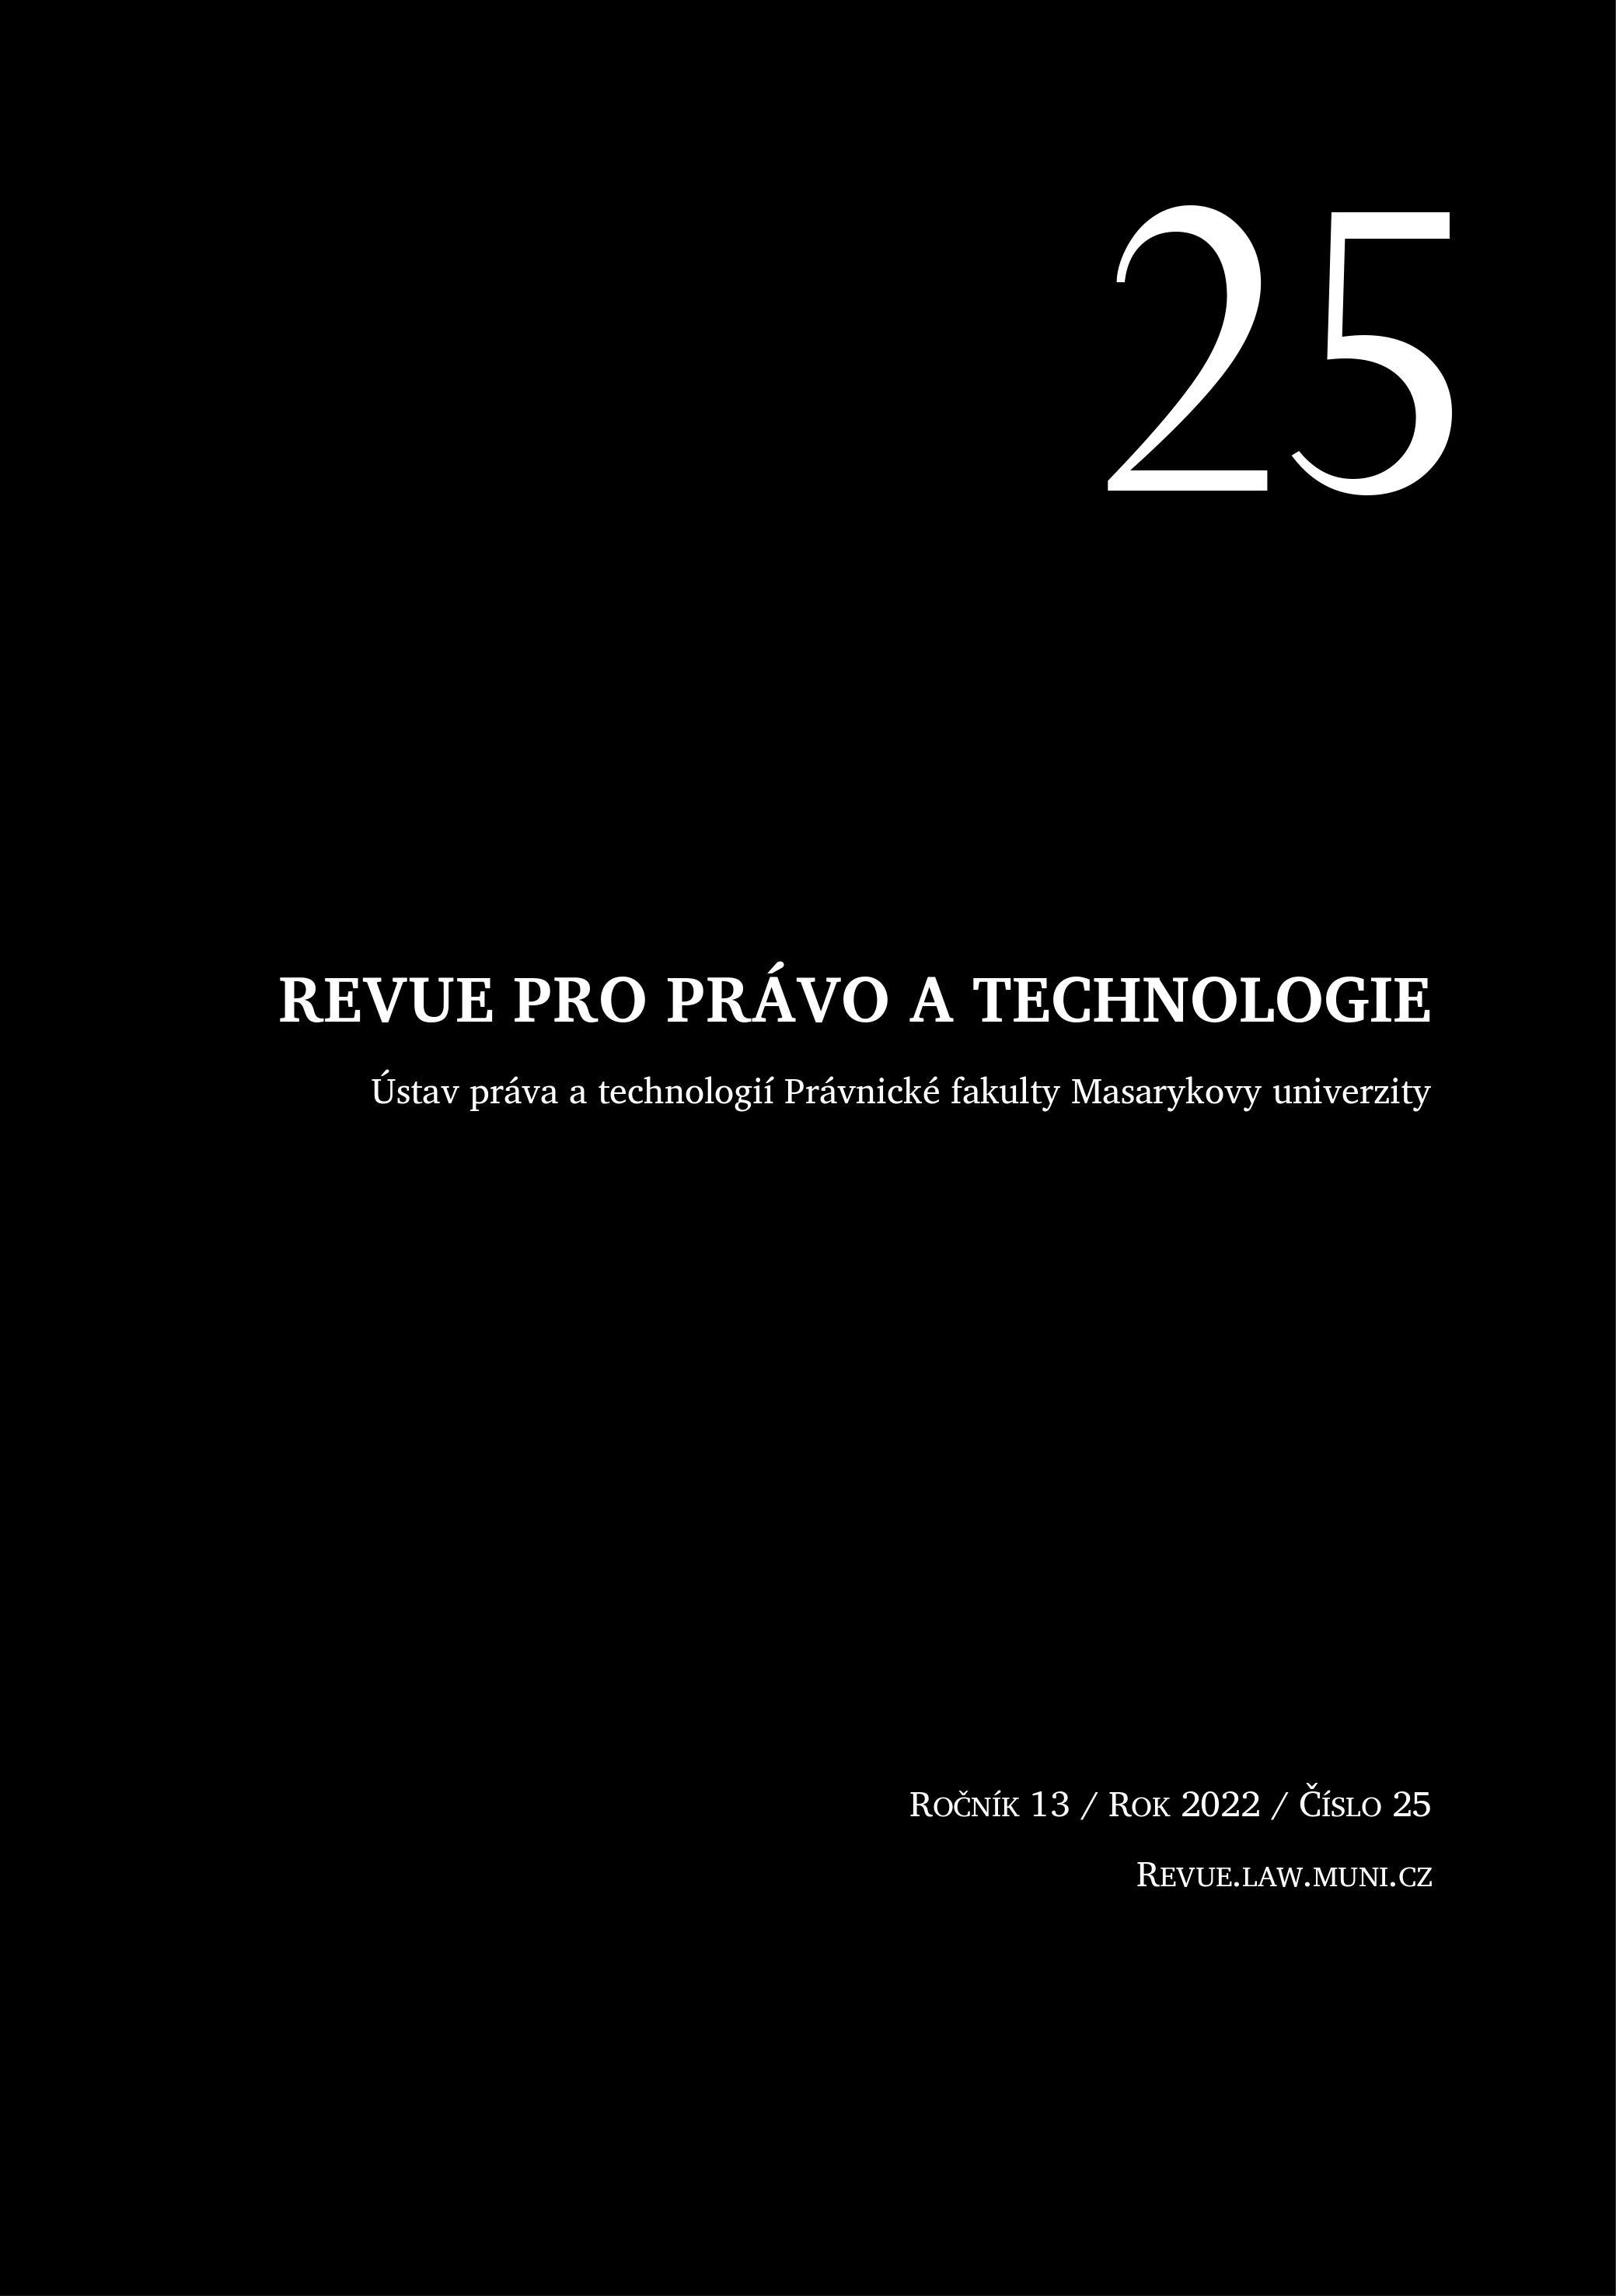 Obálka Revue pro právo a technologie.